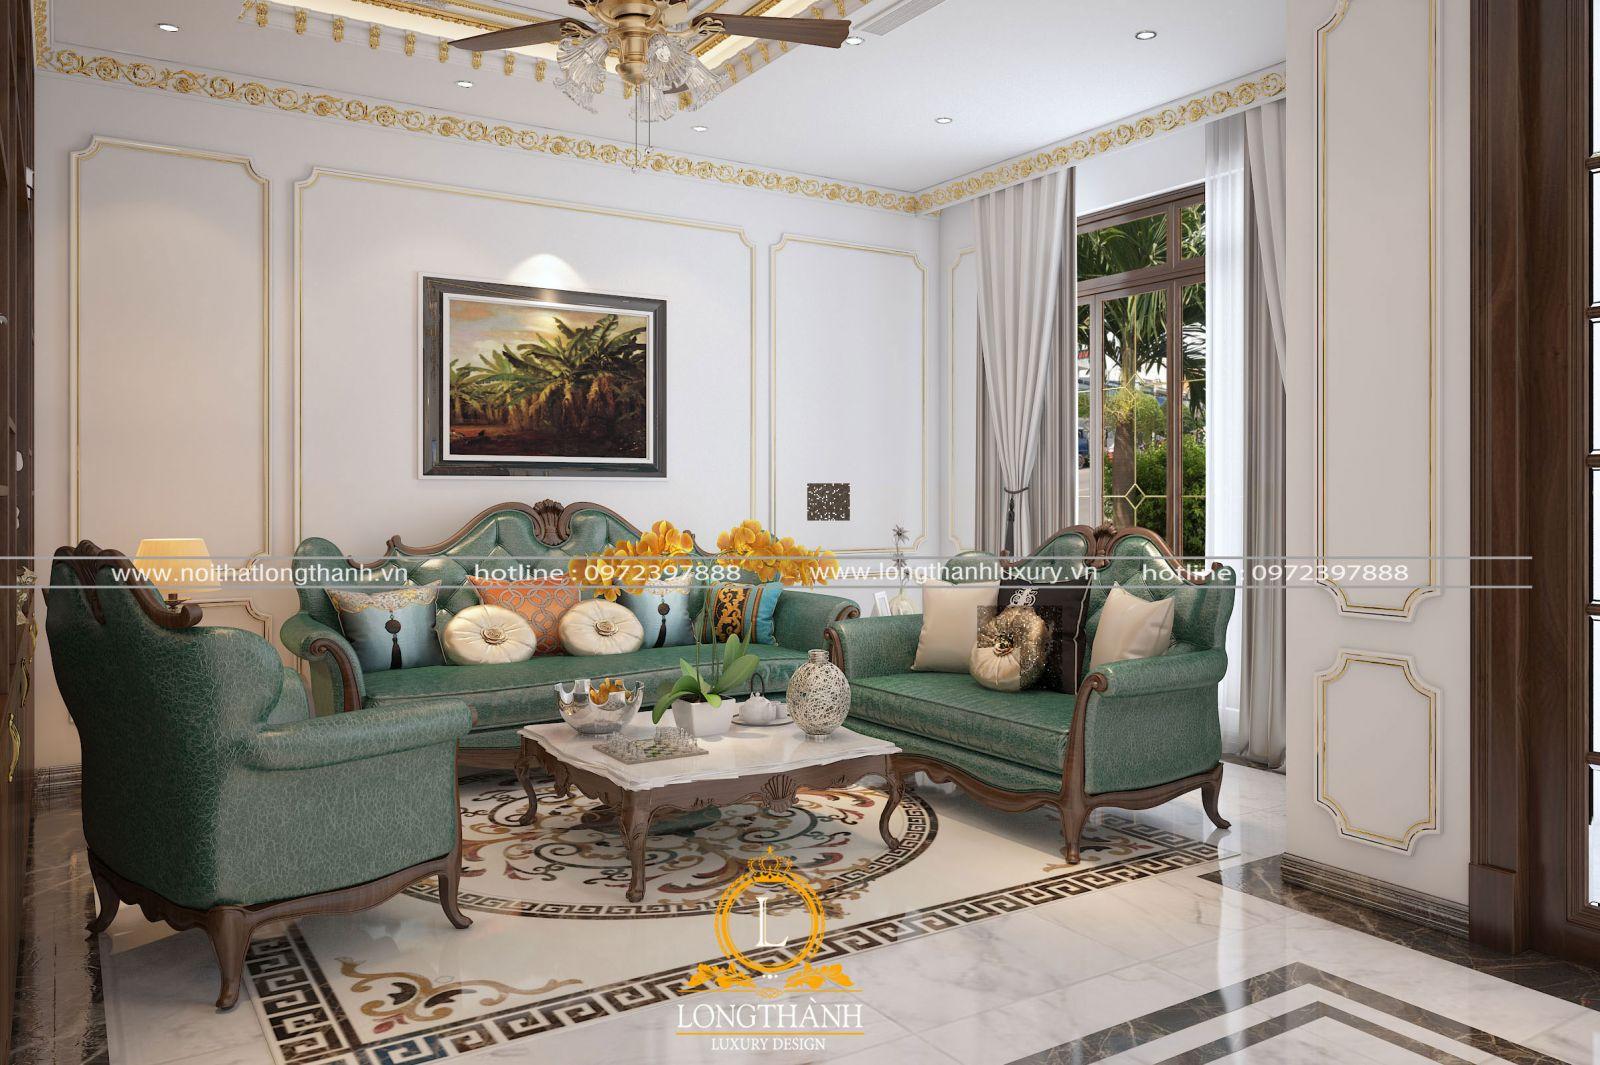 Lựa chọn bộ sofa có màu lá tự nhiên tao sự mát mẻ và phát triển cho người mệnh Mộc